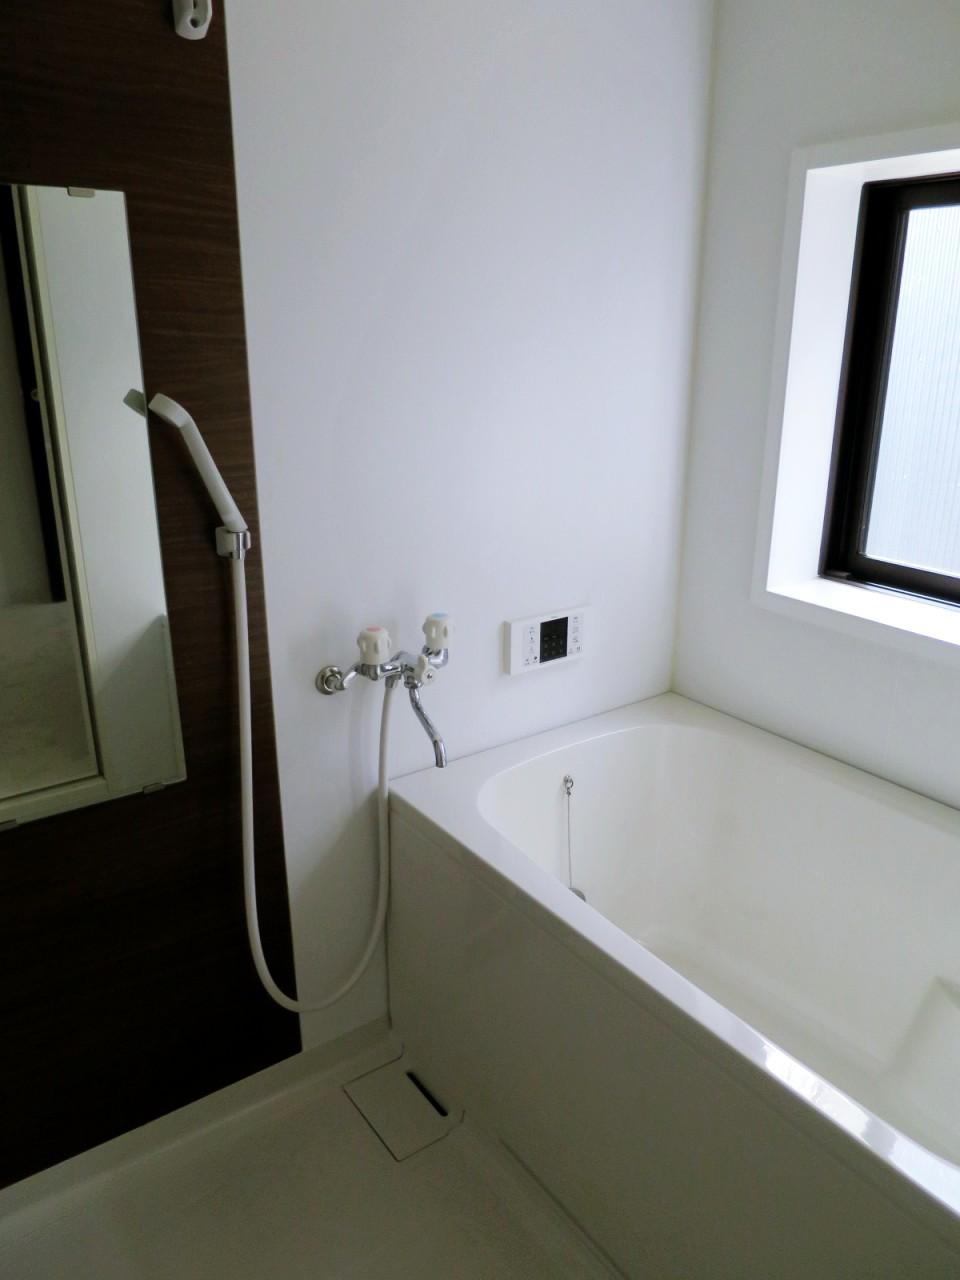 坪庭に面した浴室。水まわり設備は全てピカピカです